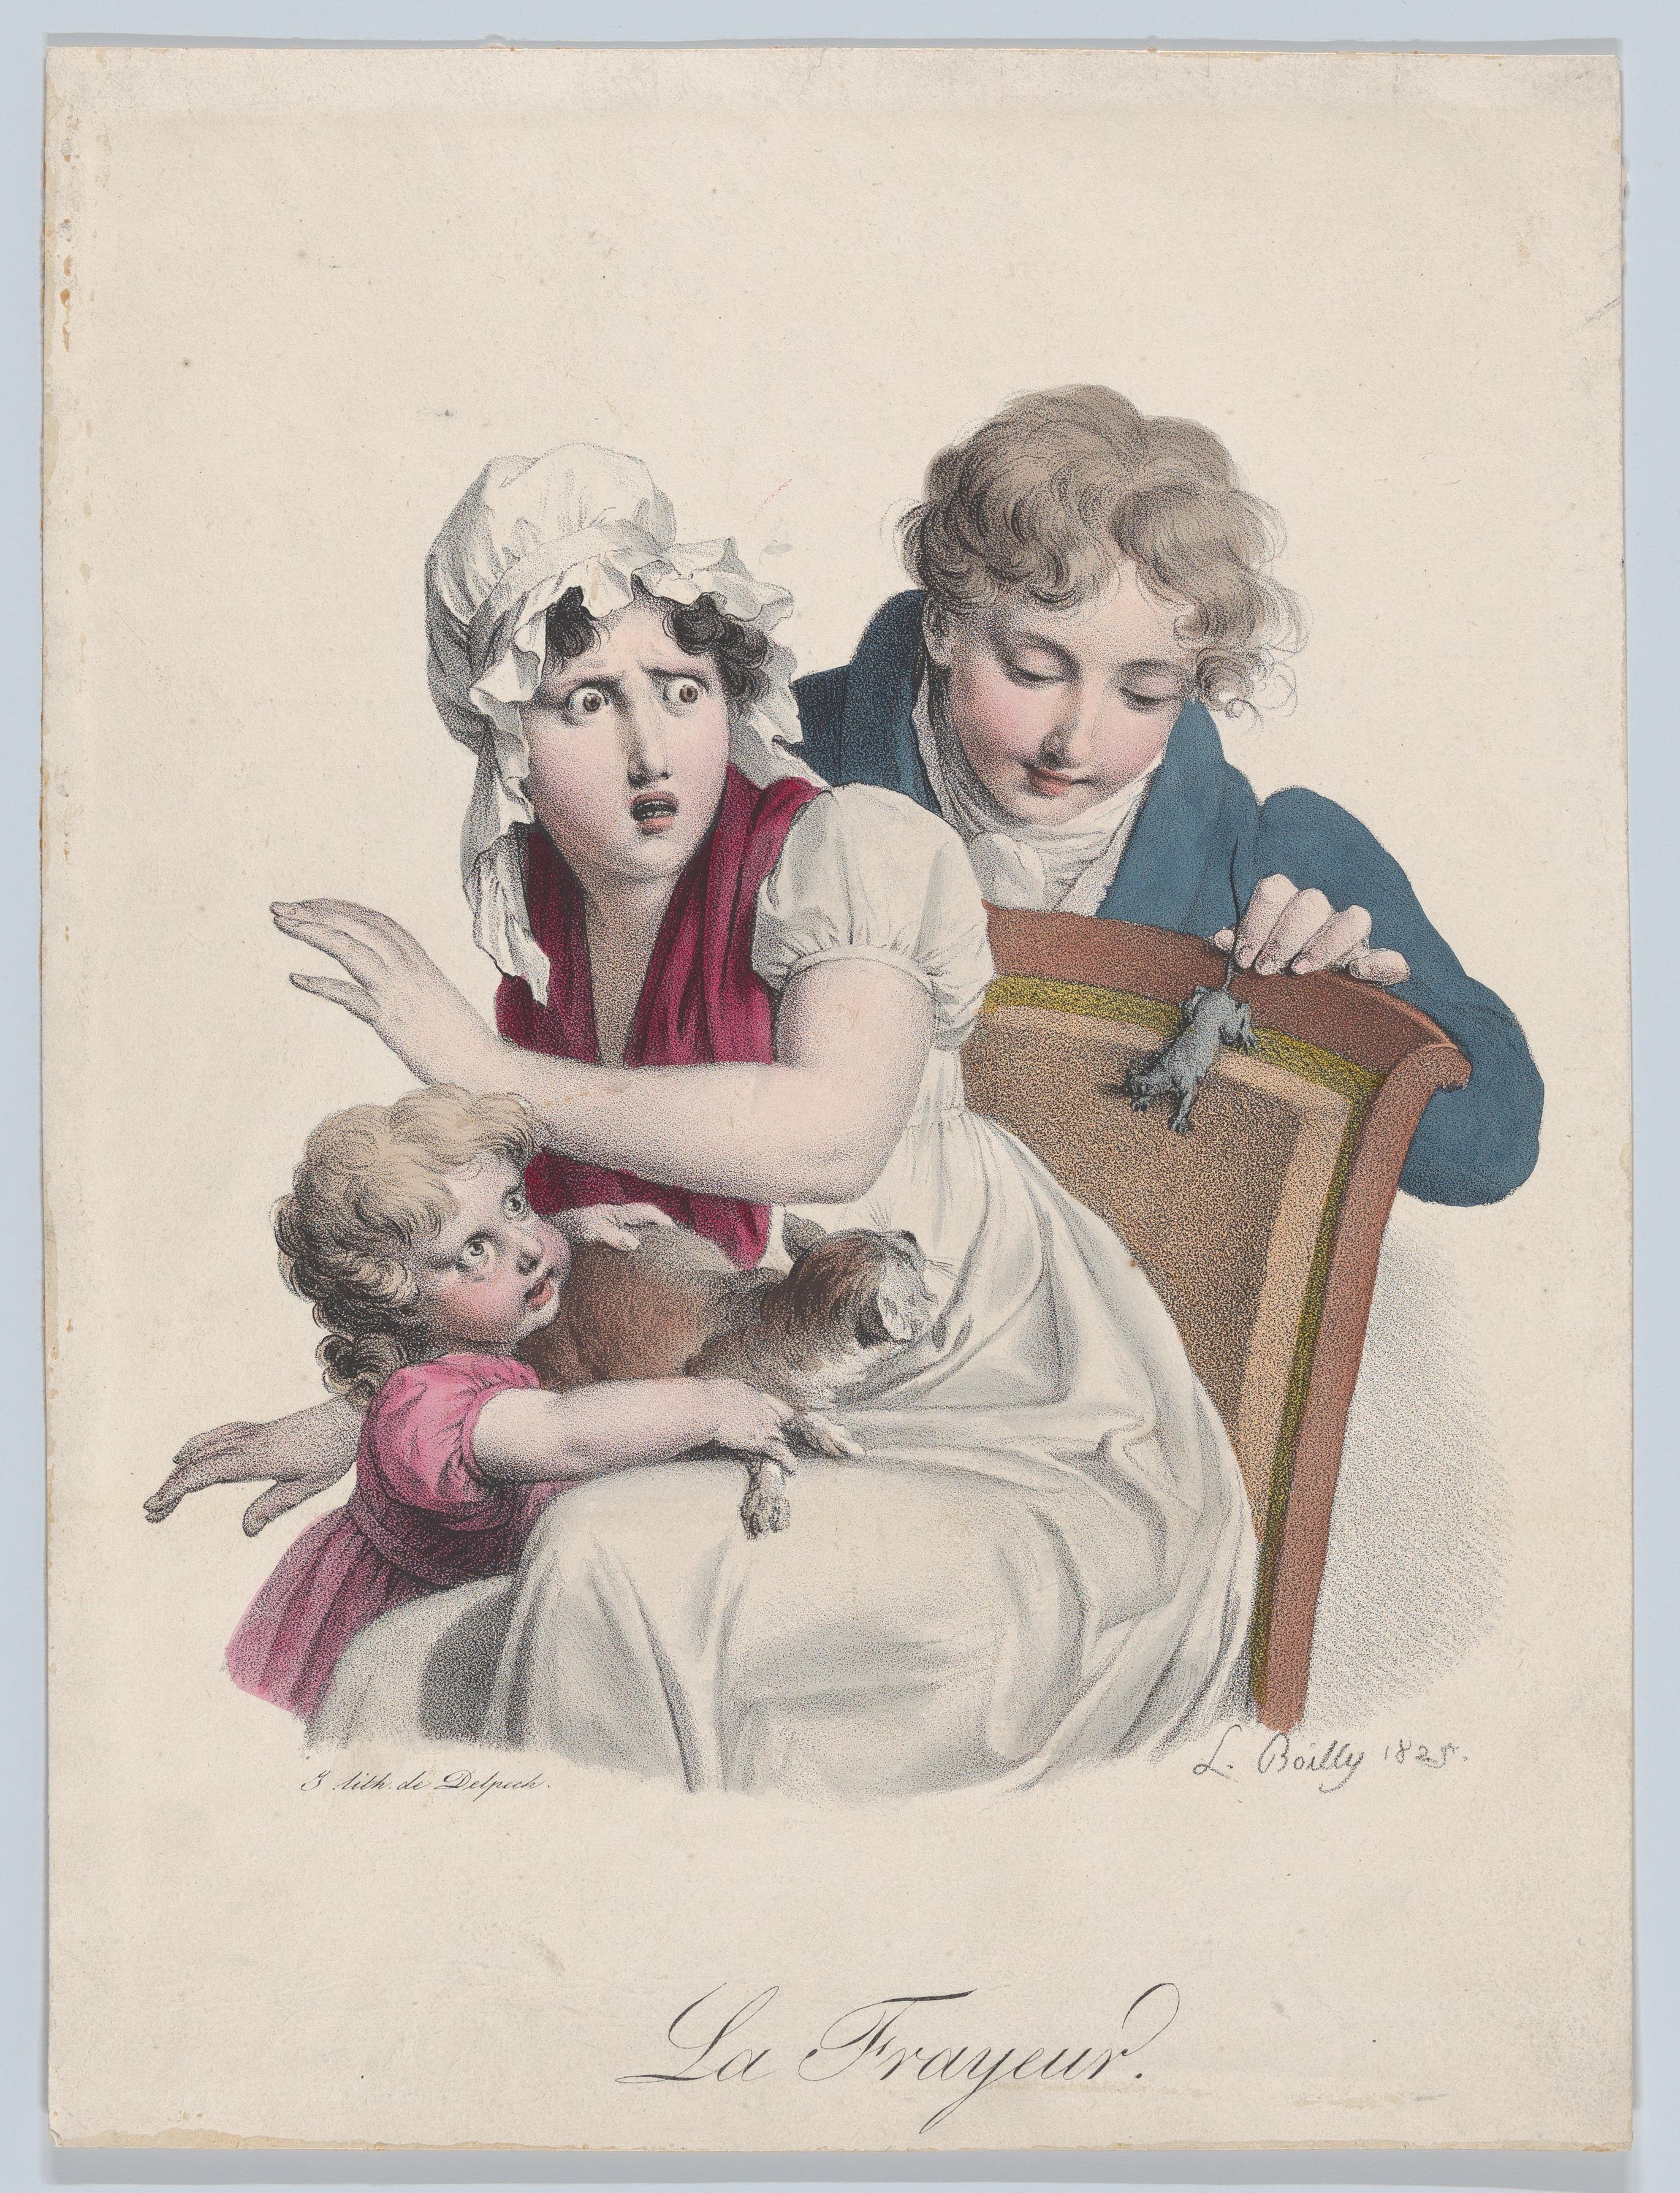 Boilly 1825 La Frayeur Les grimaces